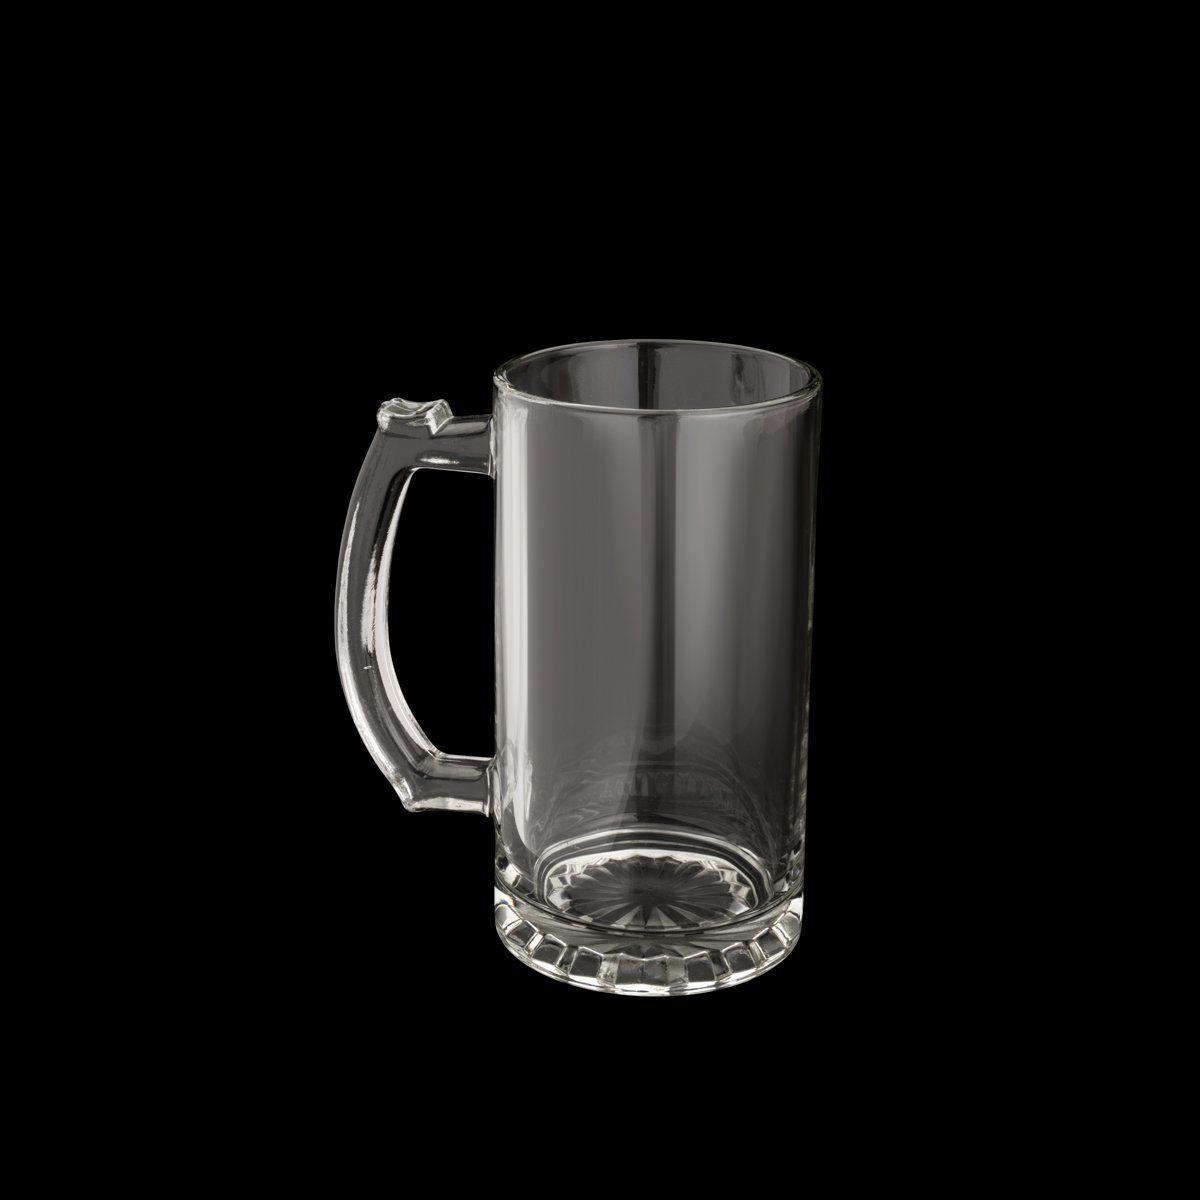 Caneca 450ml para chopp e cerveja de vidro transparente com alça Germany Lyor - L7041